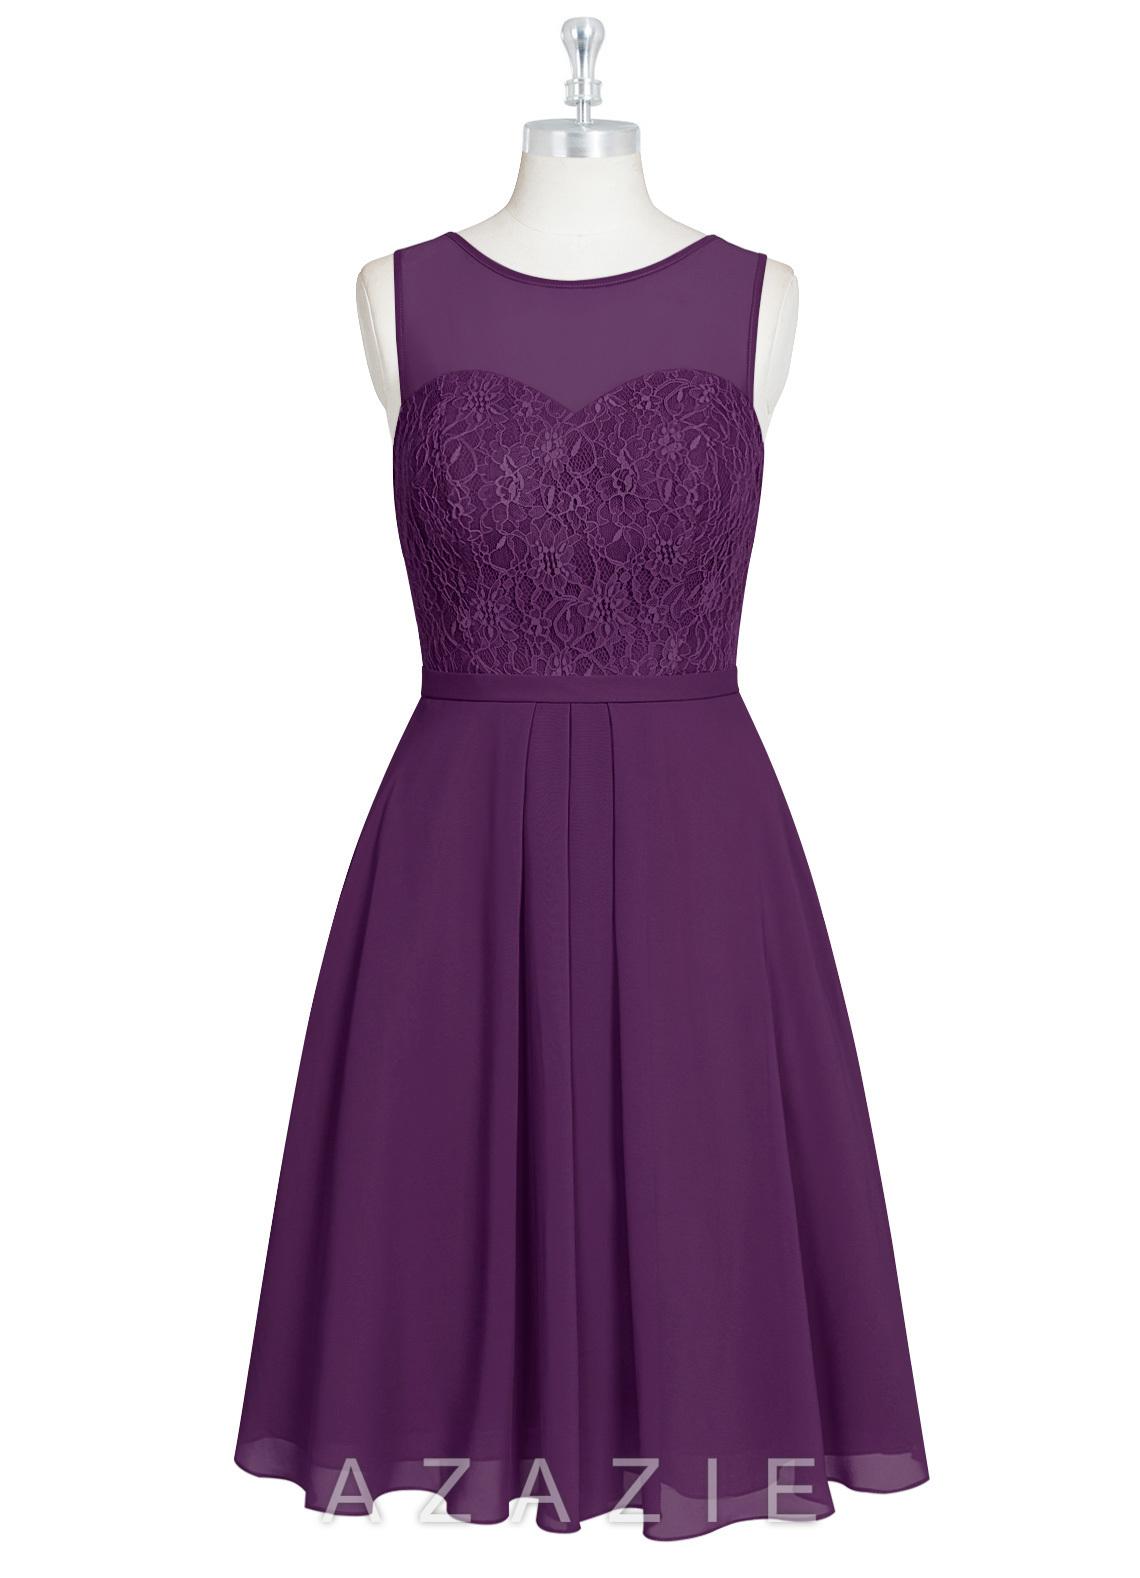 Azazie Willow Bridesmaid Dress | Azazie